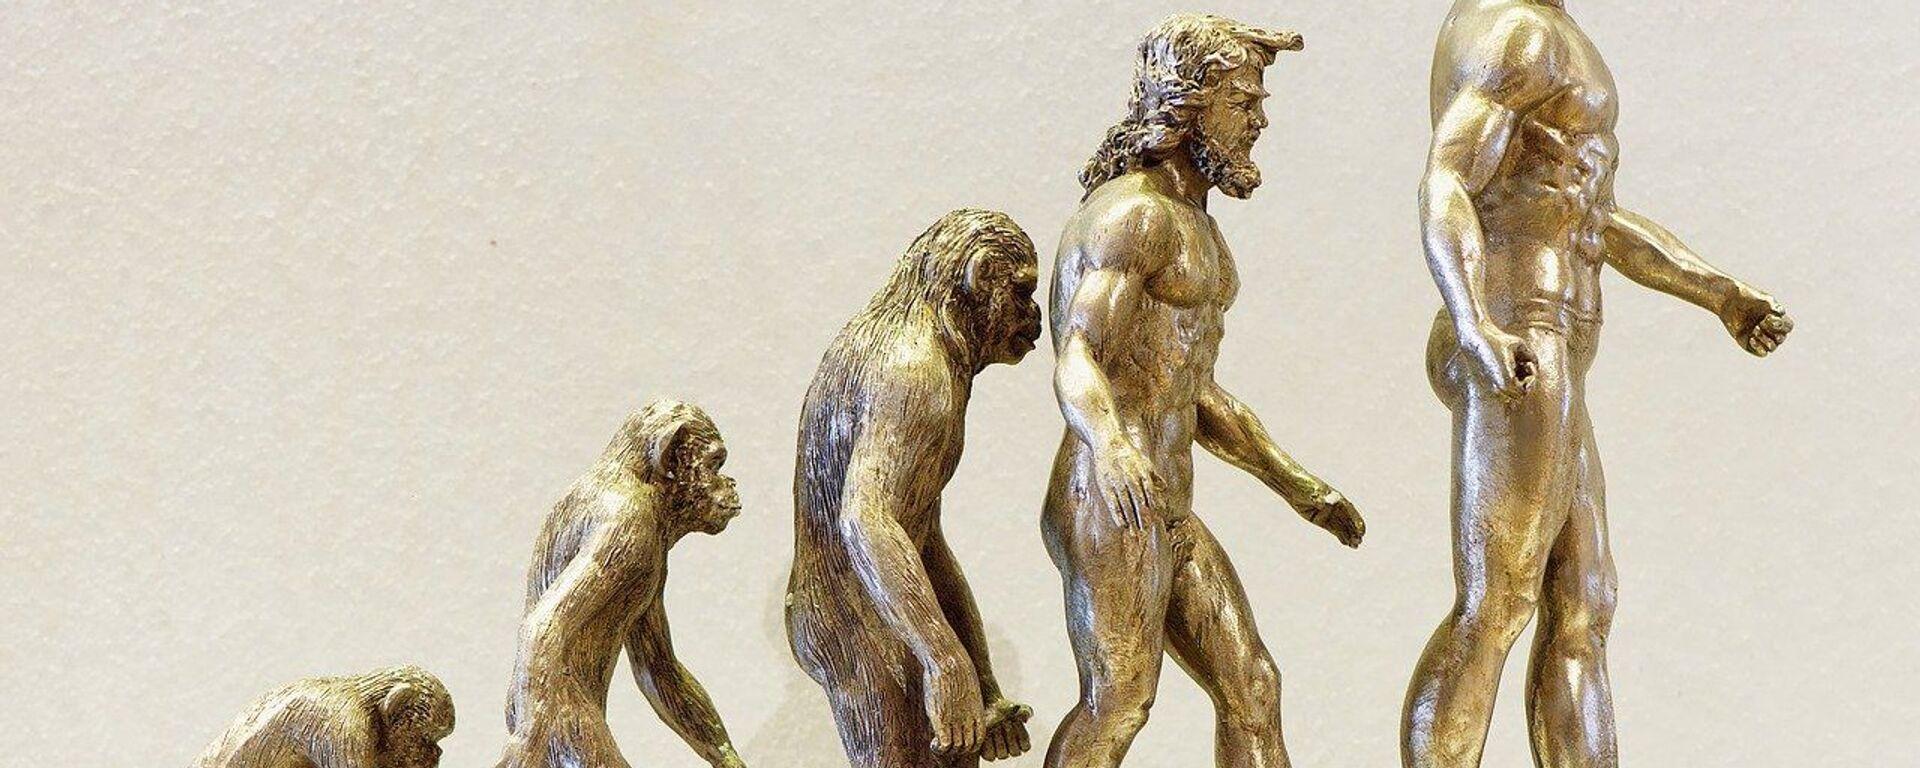 Evoluzione umana - Sputnik Italia, 1920, 23.08.2020